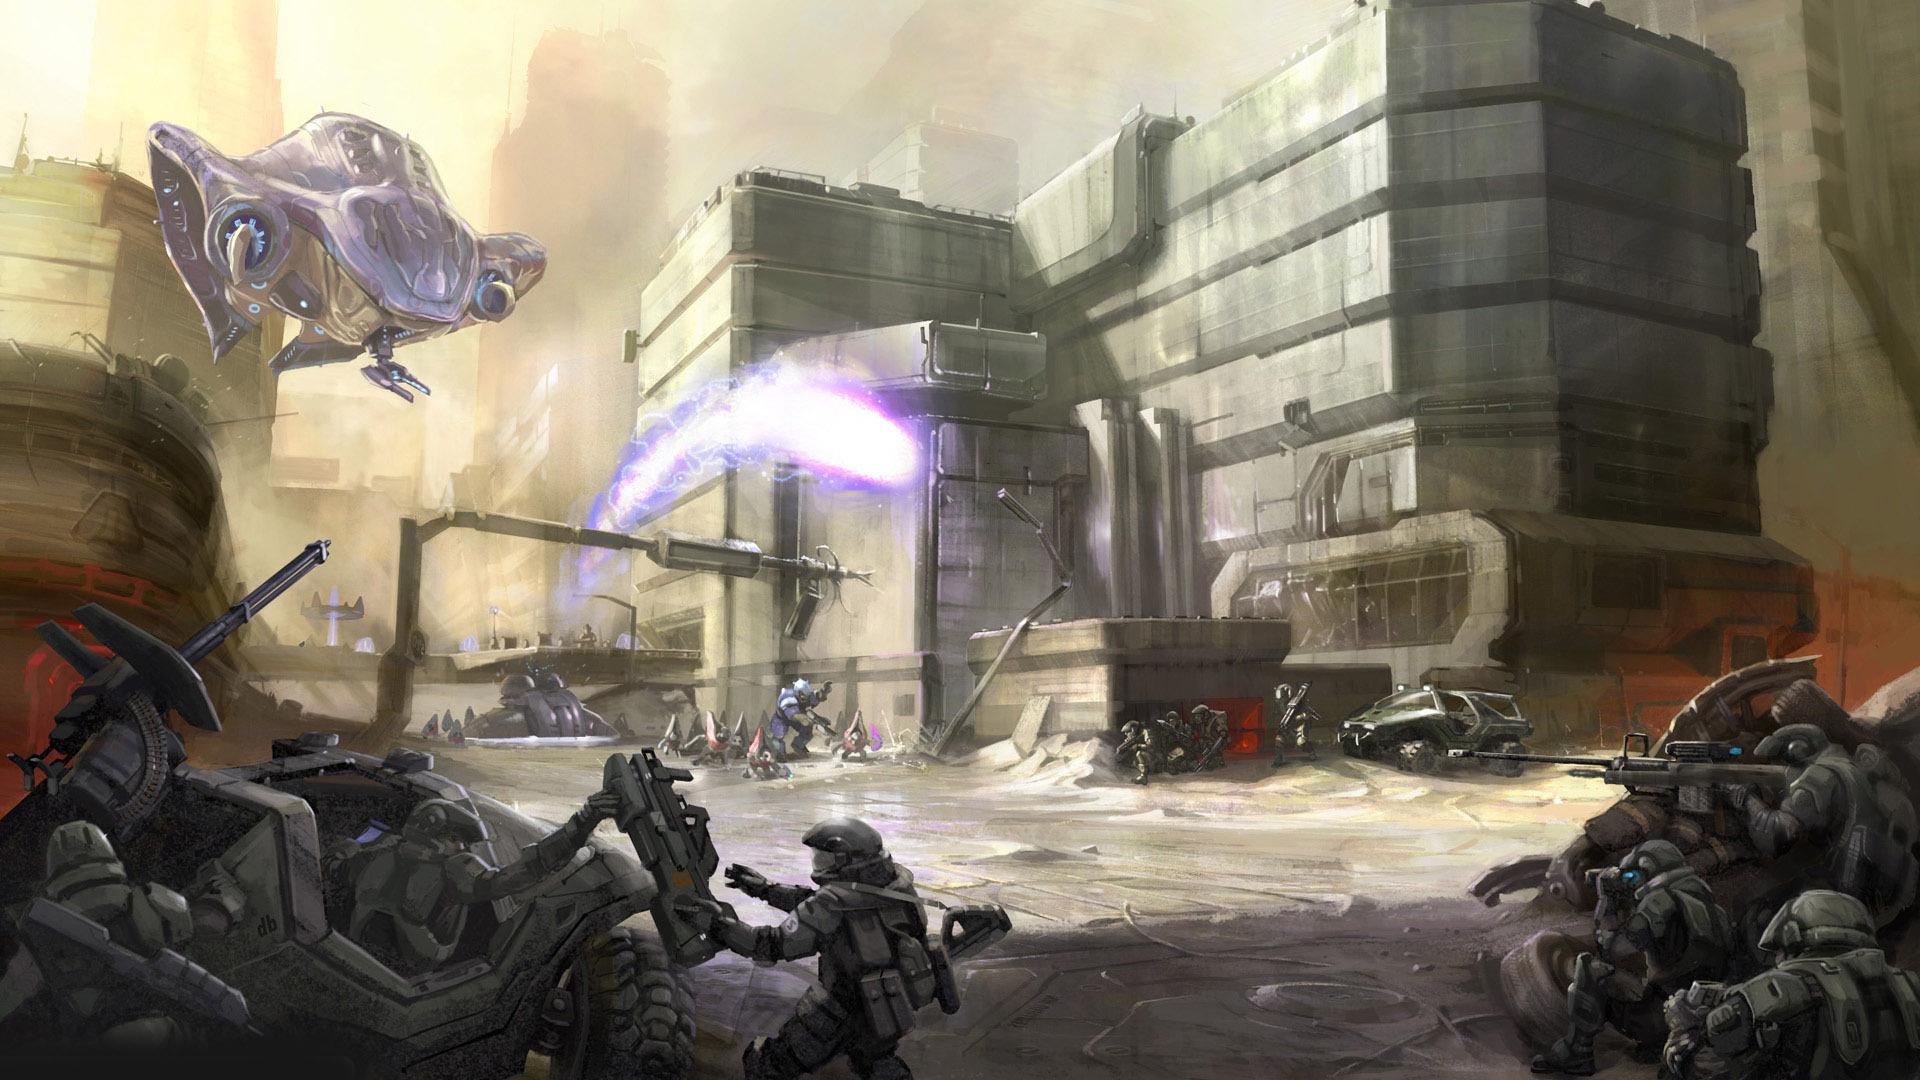 Halo 3 Wallpapers - WallpaperSafari